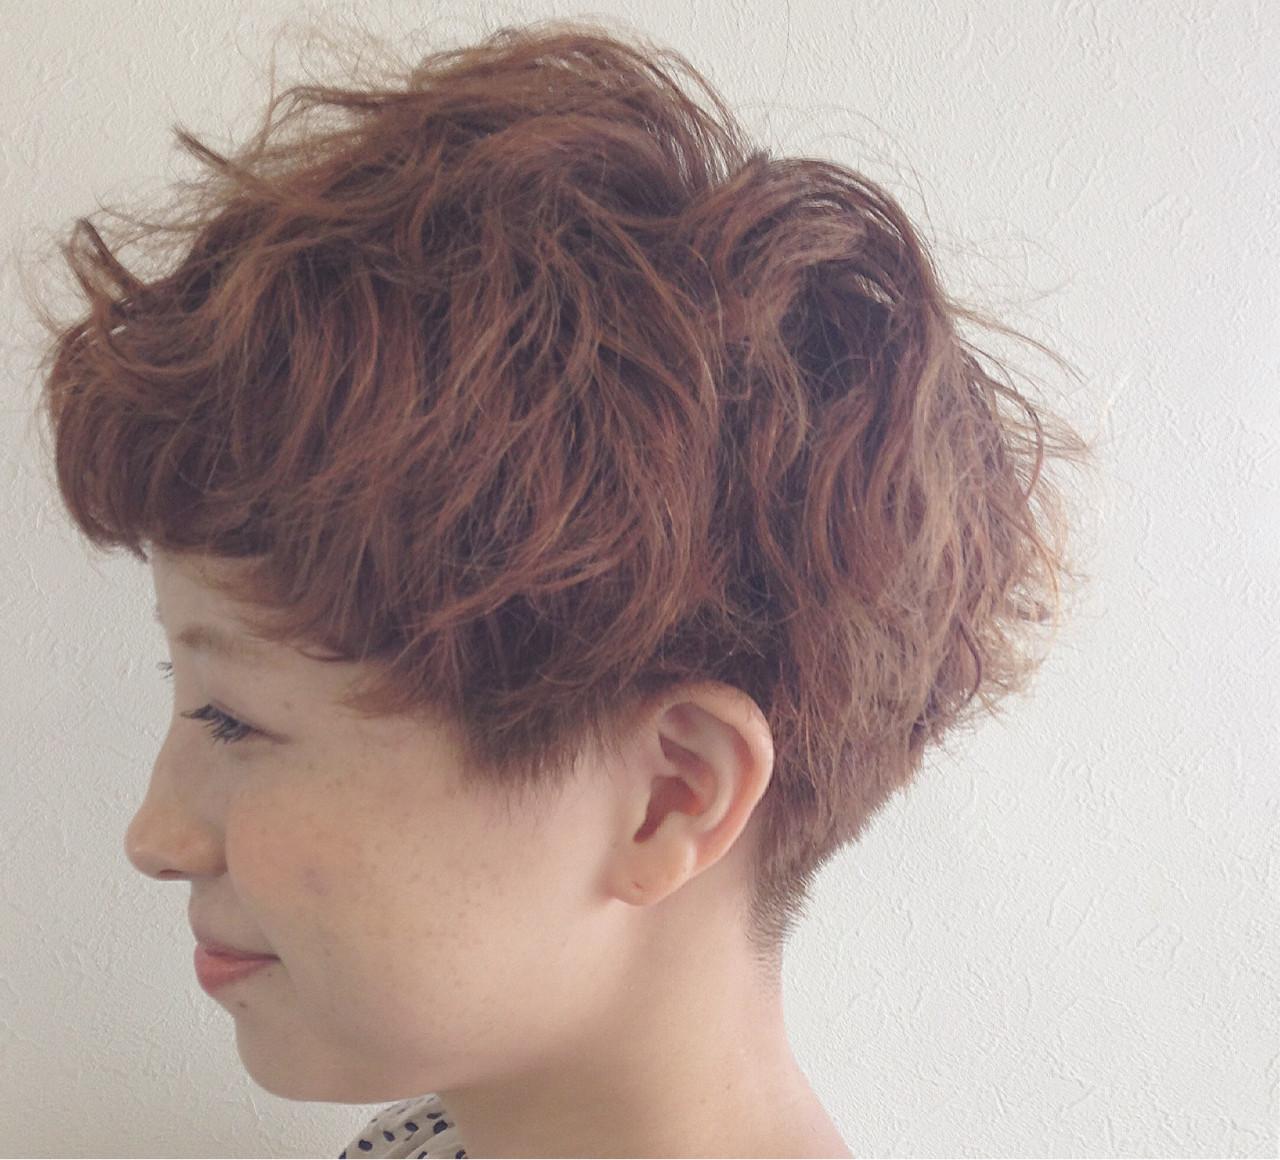 パーマ ガーリー ベリーショート 坊主 ヘアスタイルや髪型の写真・画像